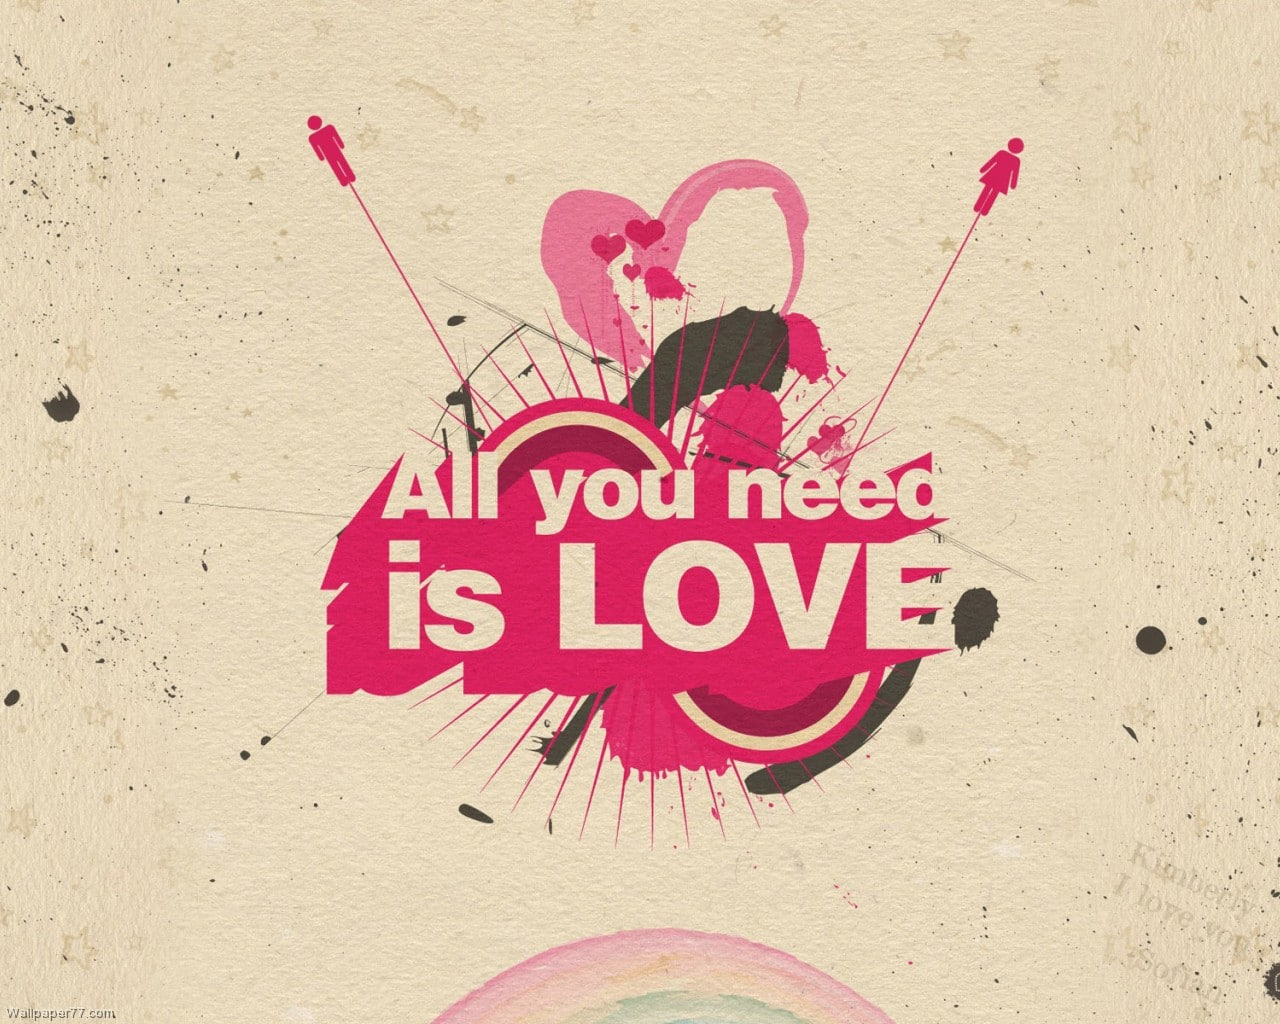 tot ce am nevoie este dragostea ta, imagine de dragoste pentru indragostiti, imagine iubire de valentines day